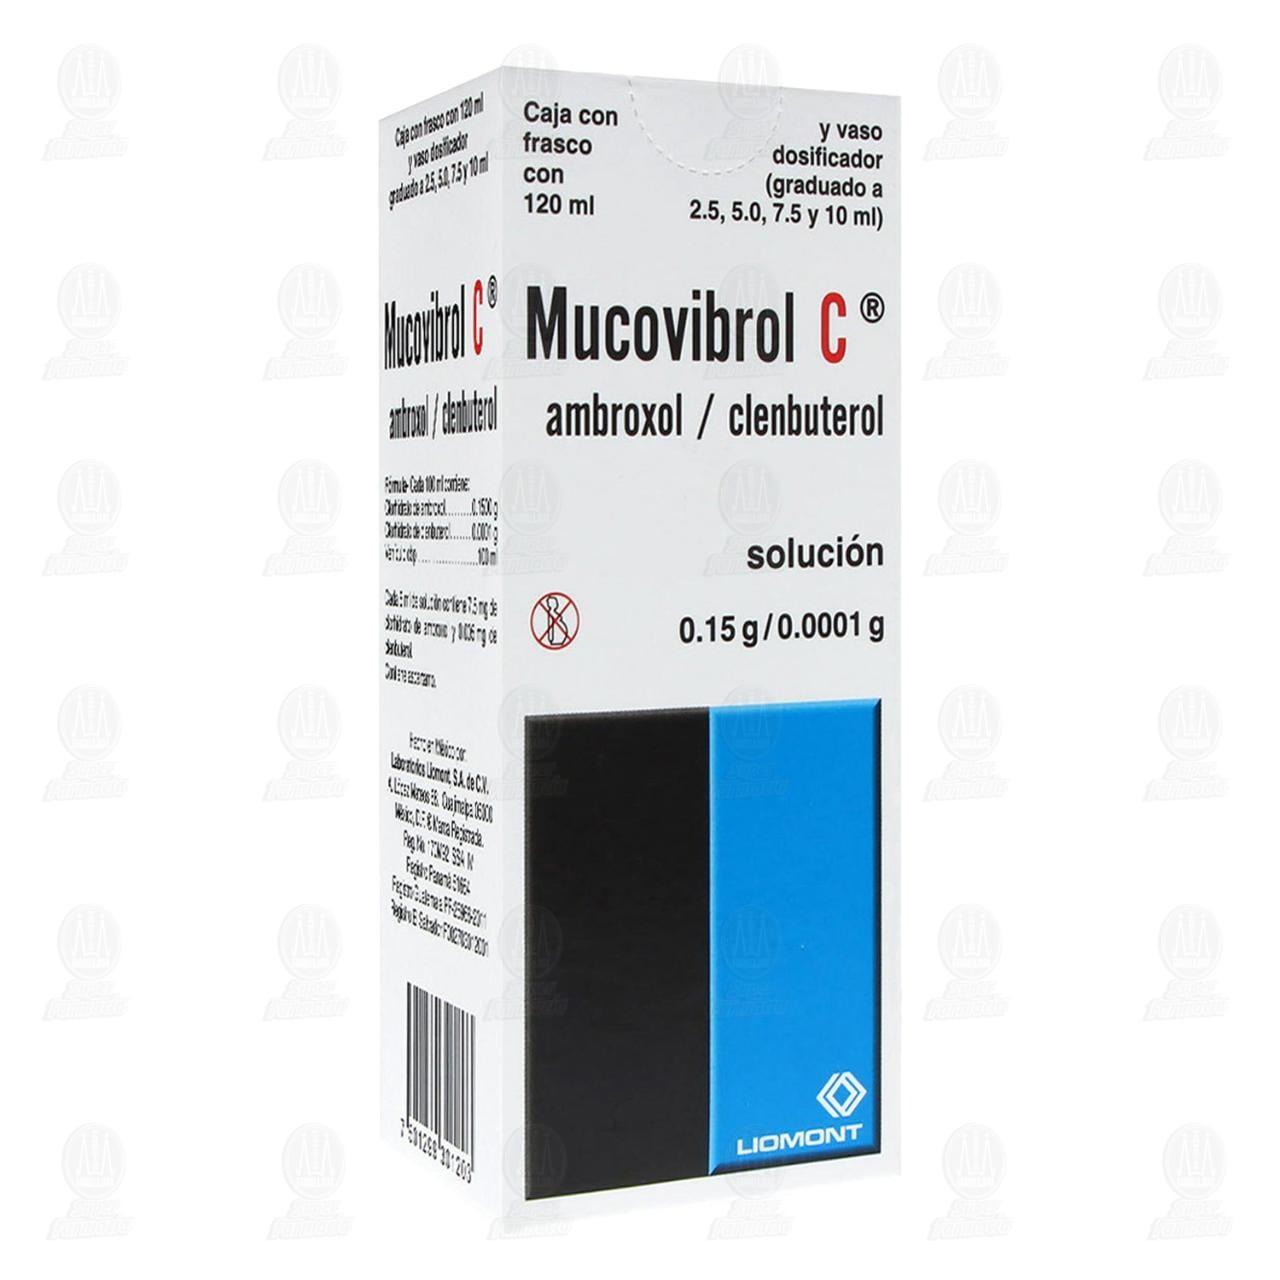 Comprar Mucovibrol C Solución 0.15gr/0.0001gr 120ml en Farmacias Guadalajara